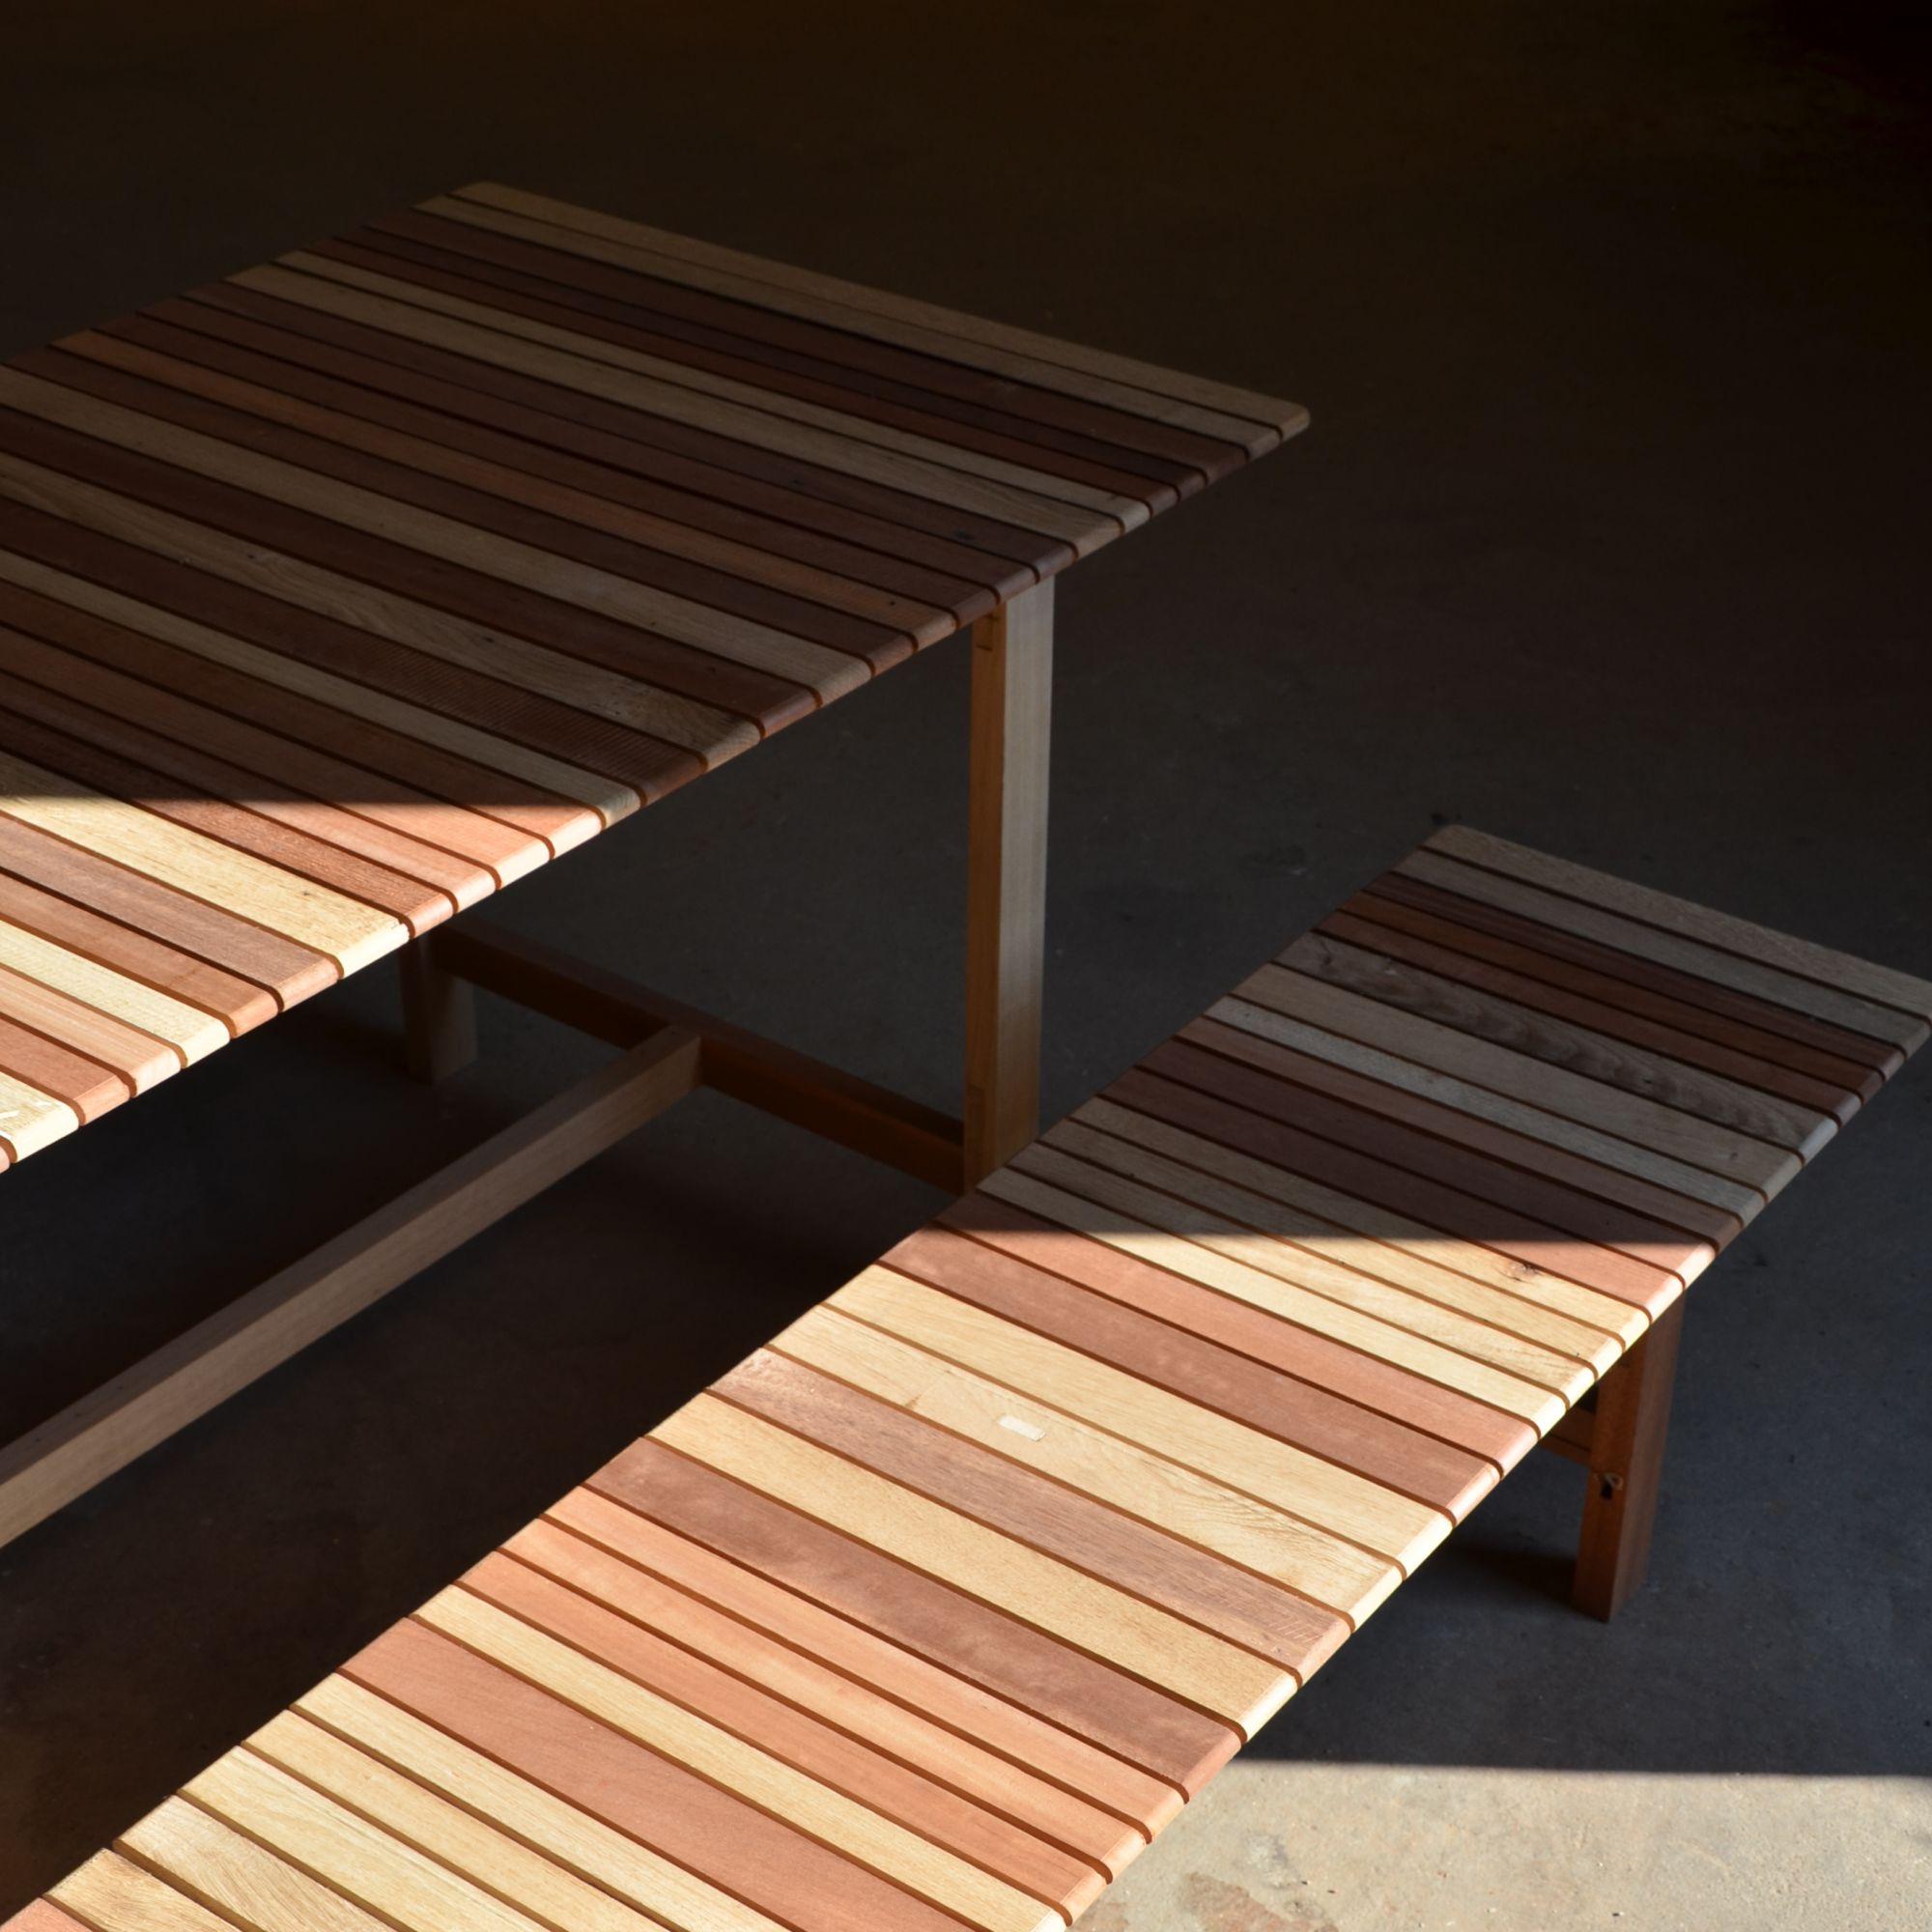 Table LTa02